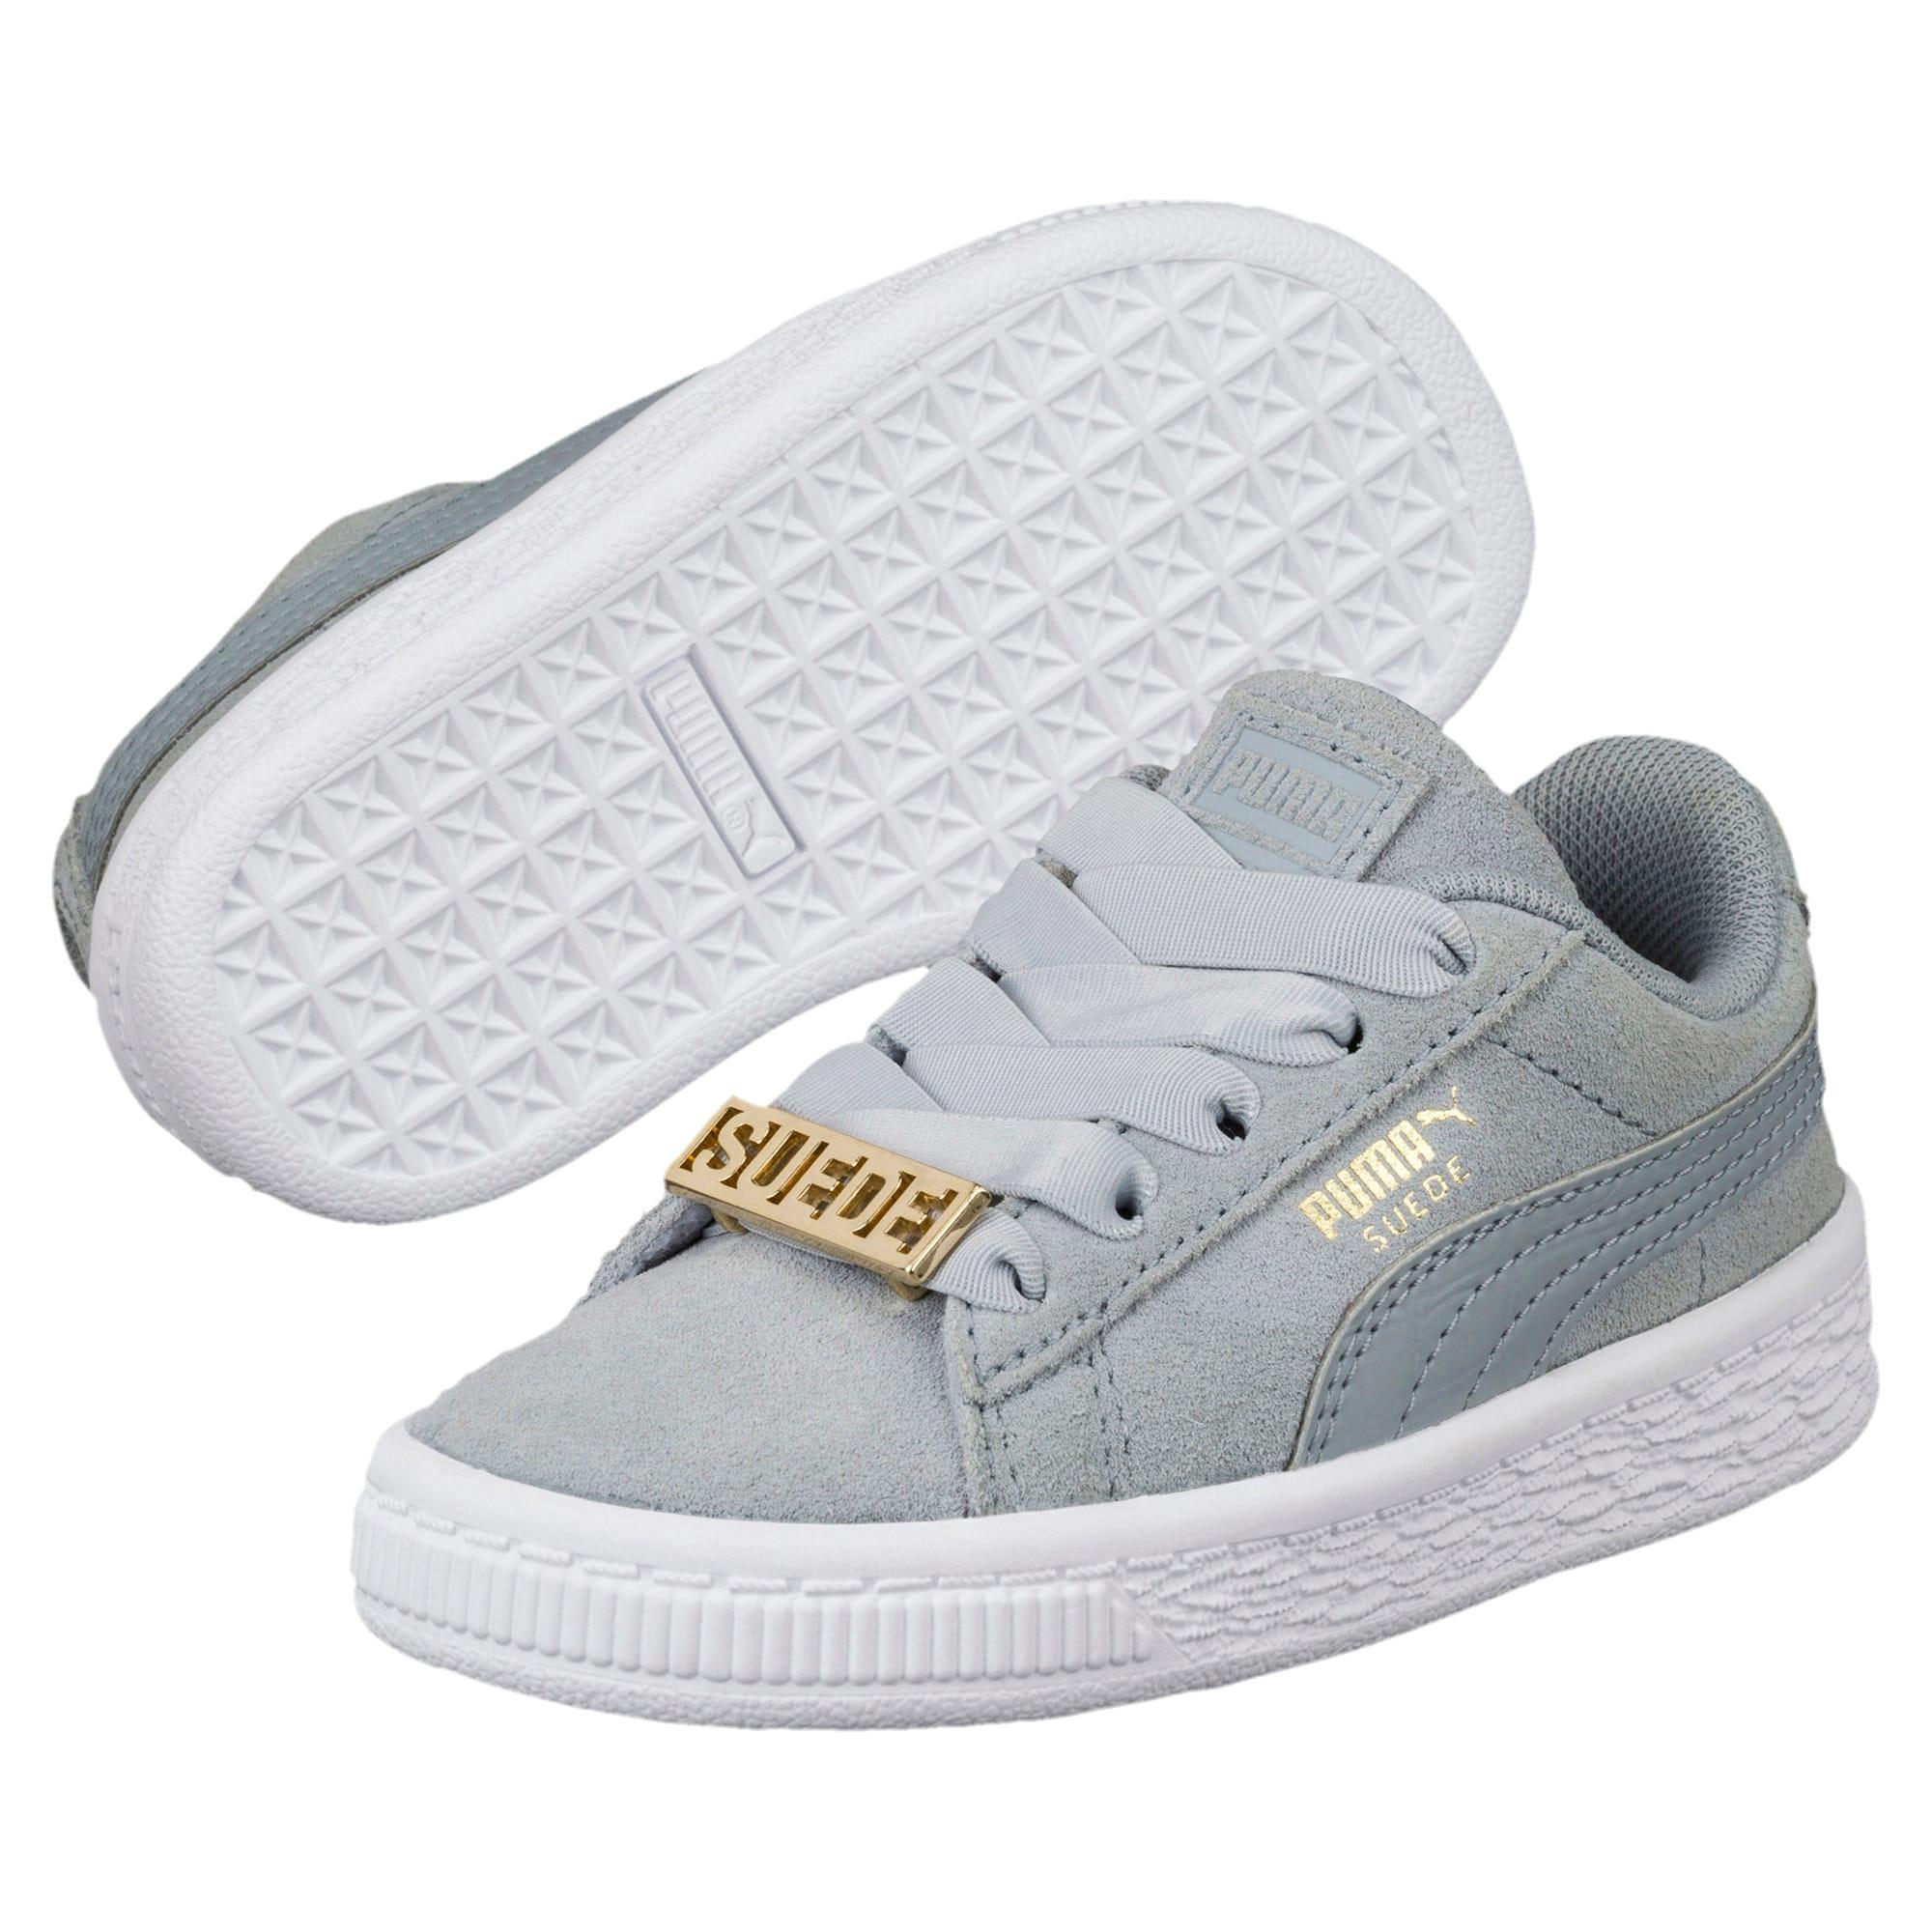 Miniatura 2 de Zapatos Suede Classic B-BOY Fabulous para bebé, Quarry-Quarry, mediano